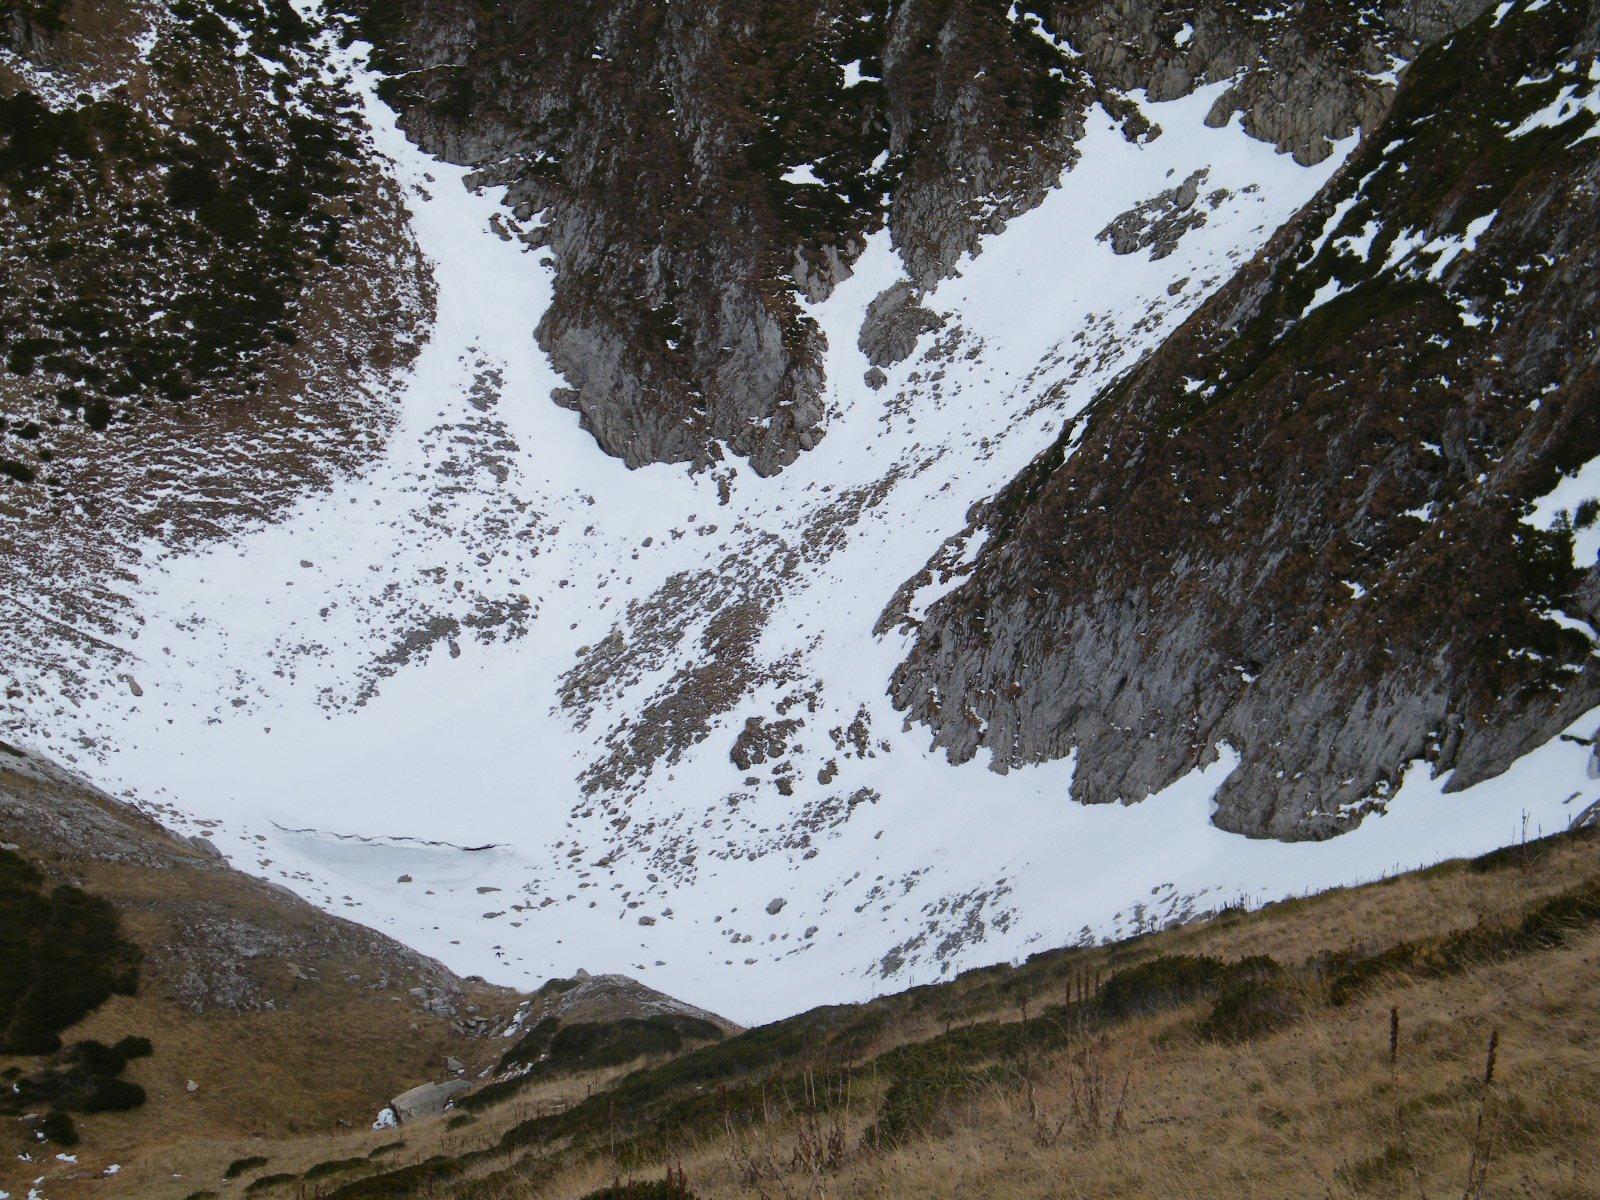 la conca,sotto la neve c'è ancora il firn,molto probabilmente della stagione 2013-14